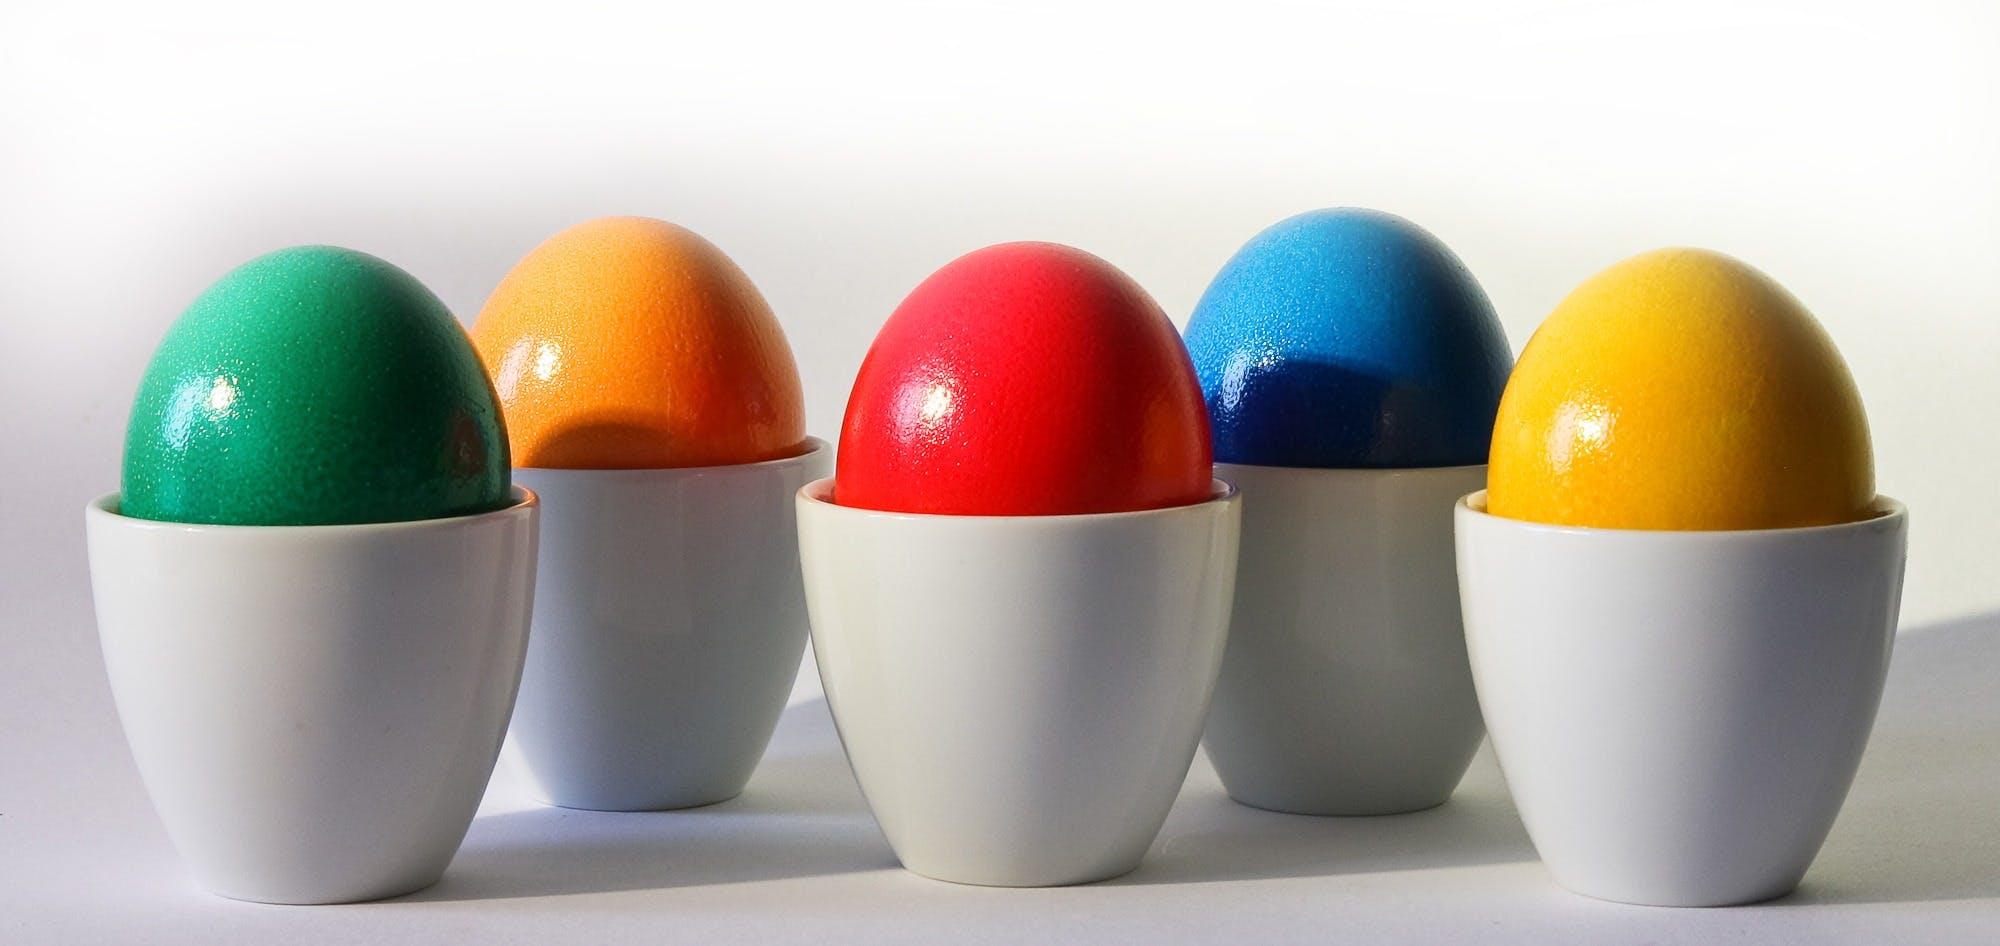 Multicolored Egg Ornament on White Desk